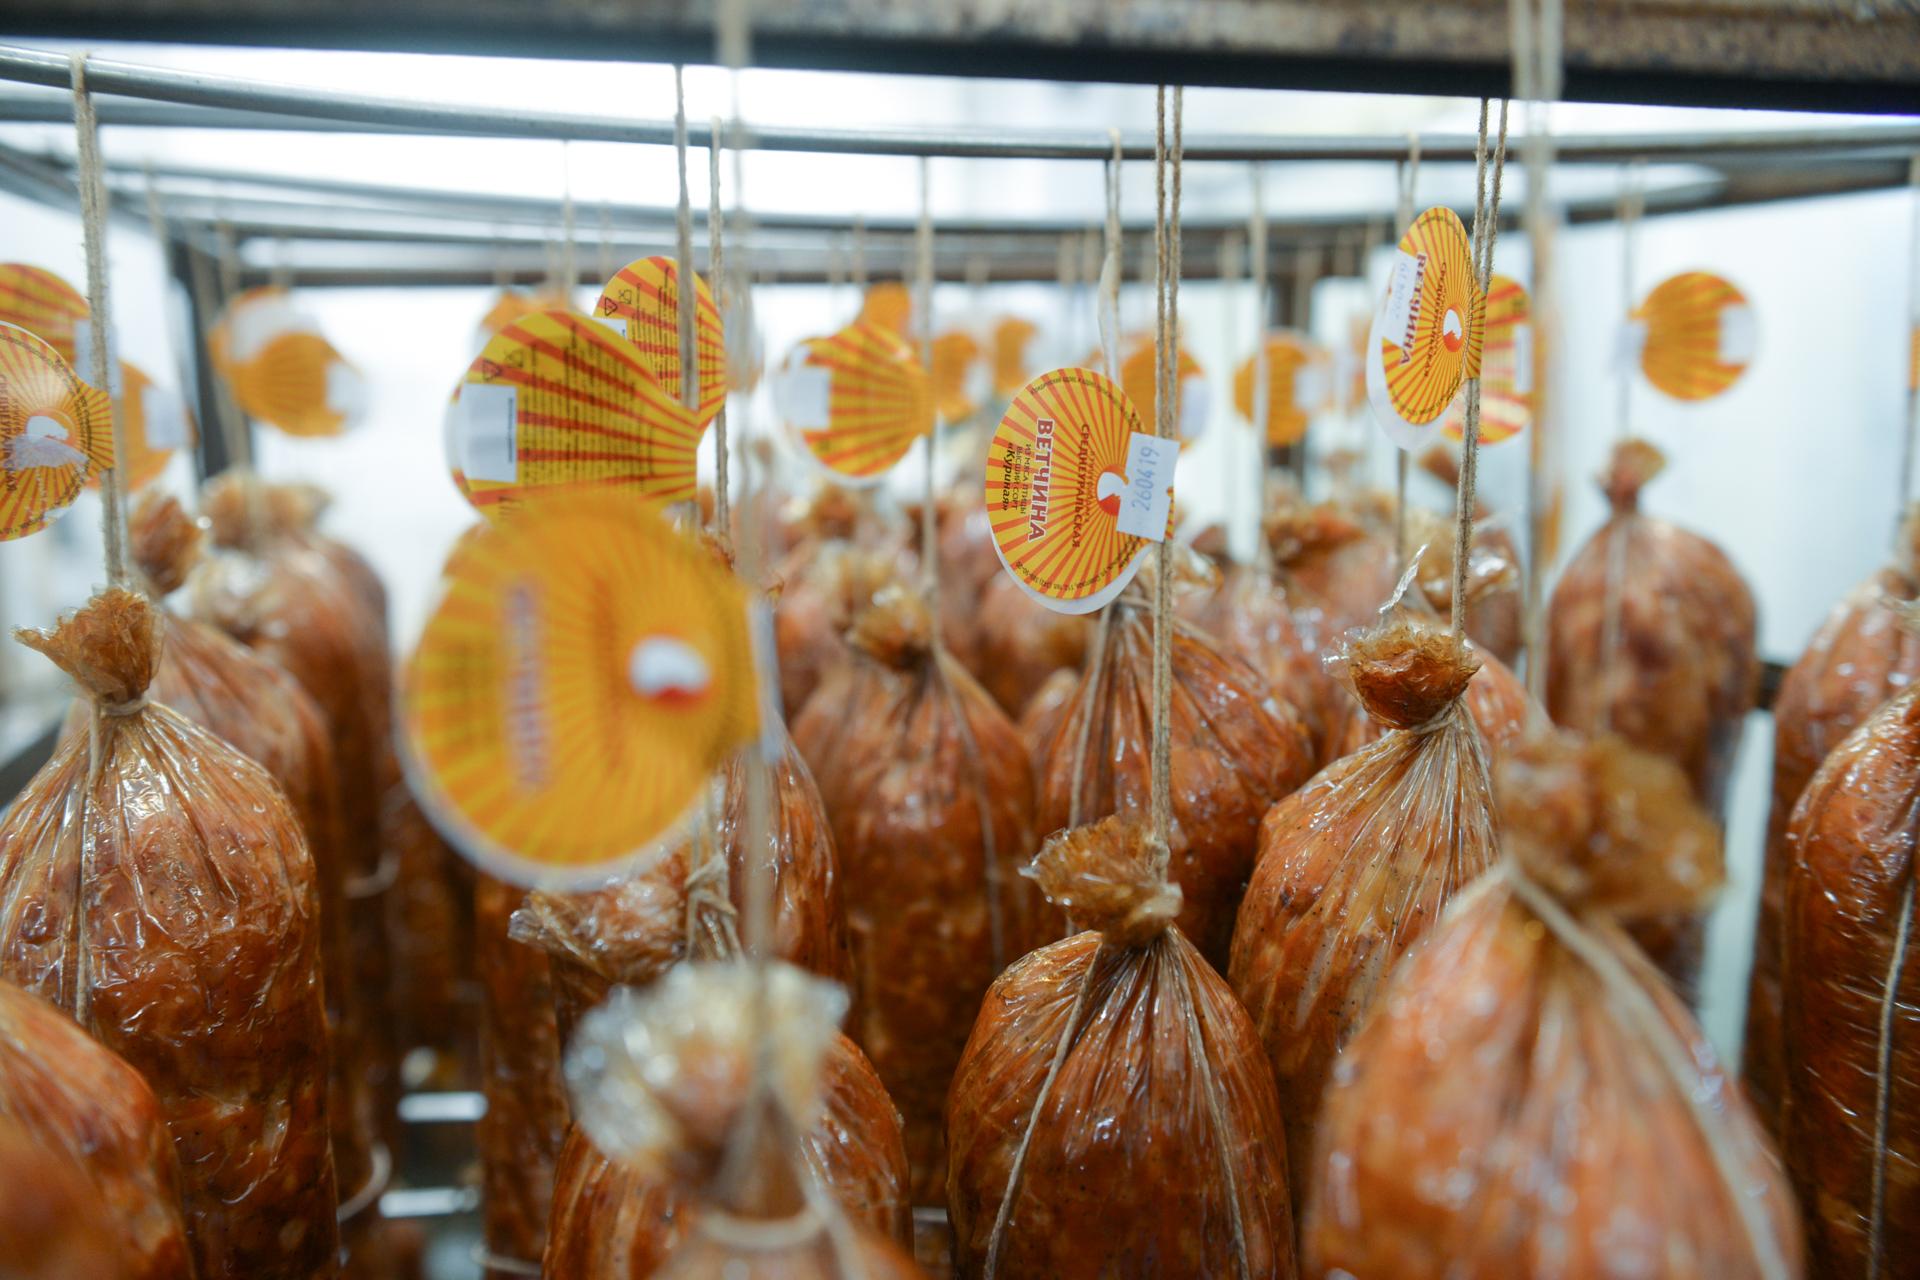 Объем производства мяса с 2016 года на предприятии увеличился с 12 до 16 с половиной тысяч тонн